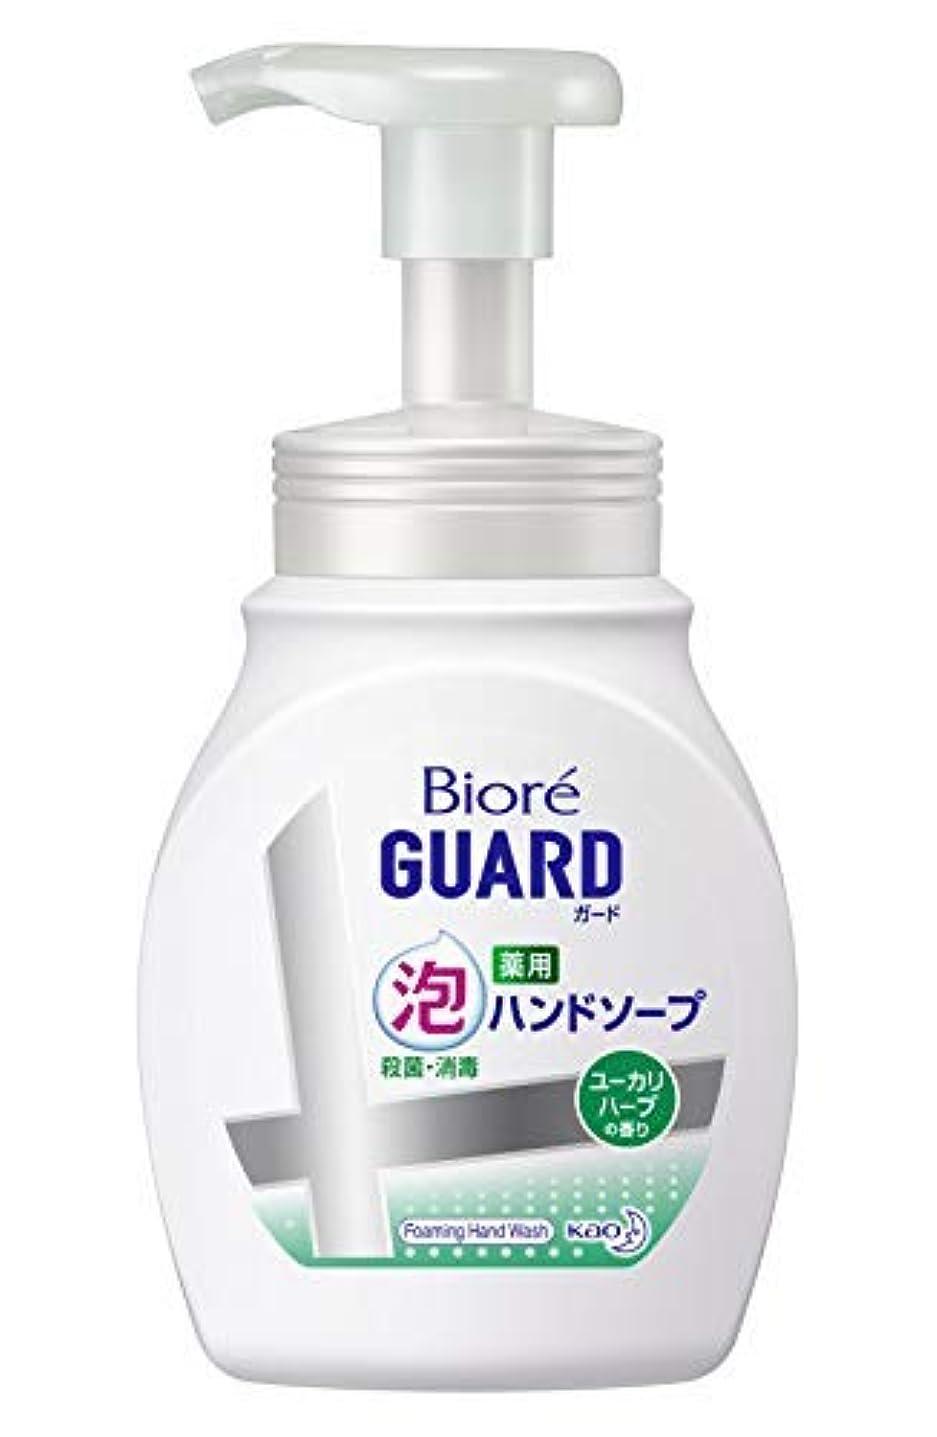 温帯丁寧貞花王 ビオレガード 薬用泡ハンドソープ ユーカリハーブの香り ポンプ 250ml × 3個セット